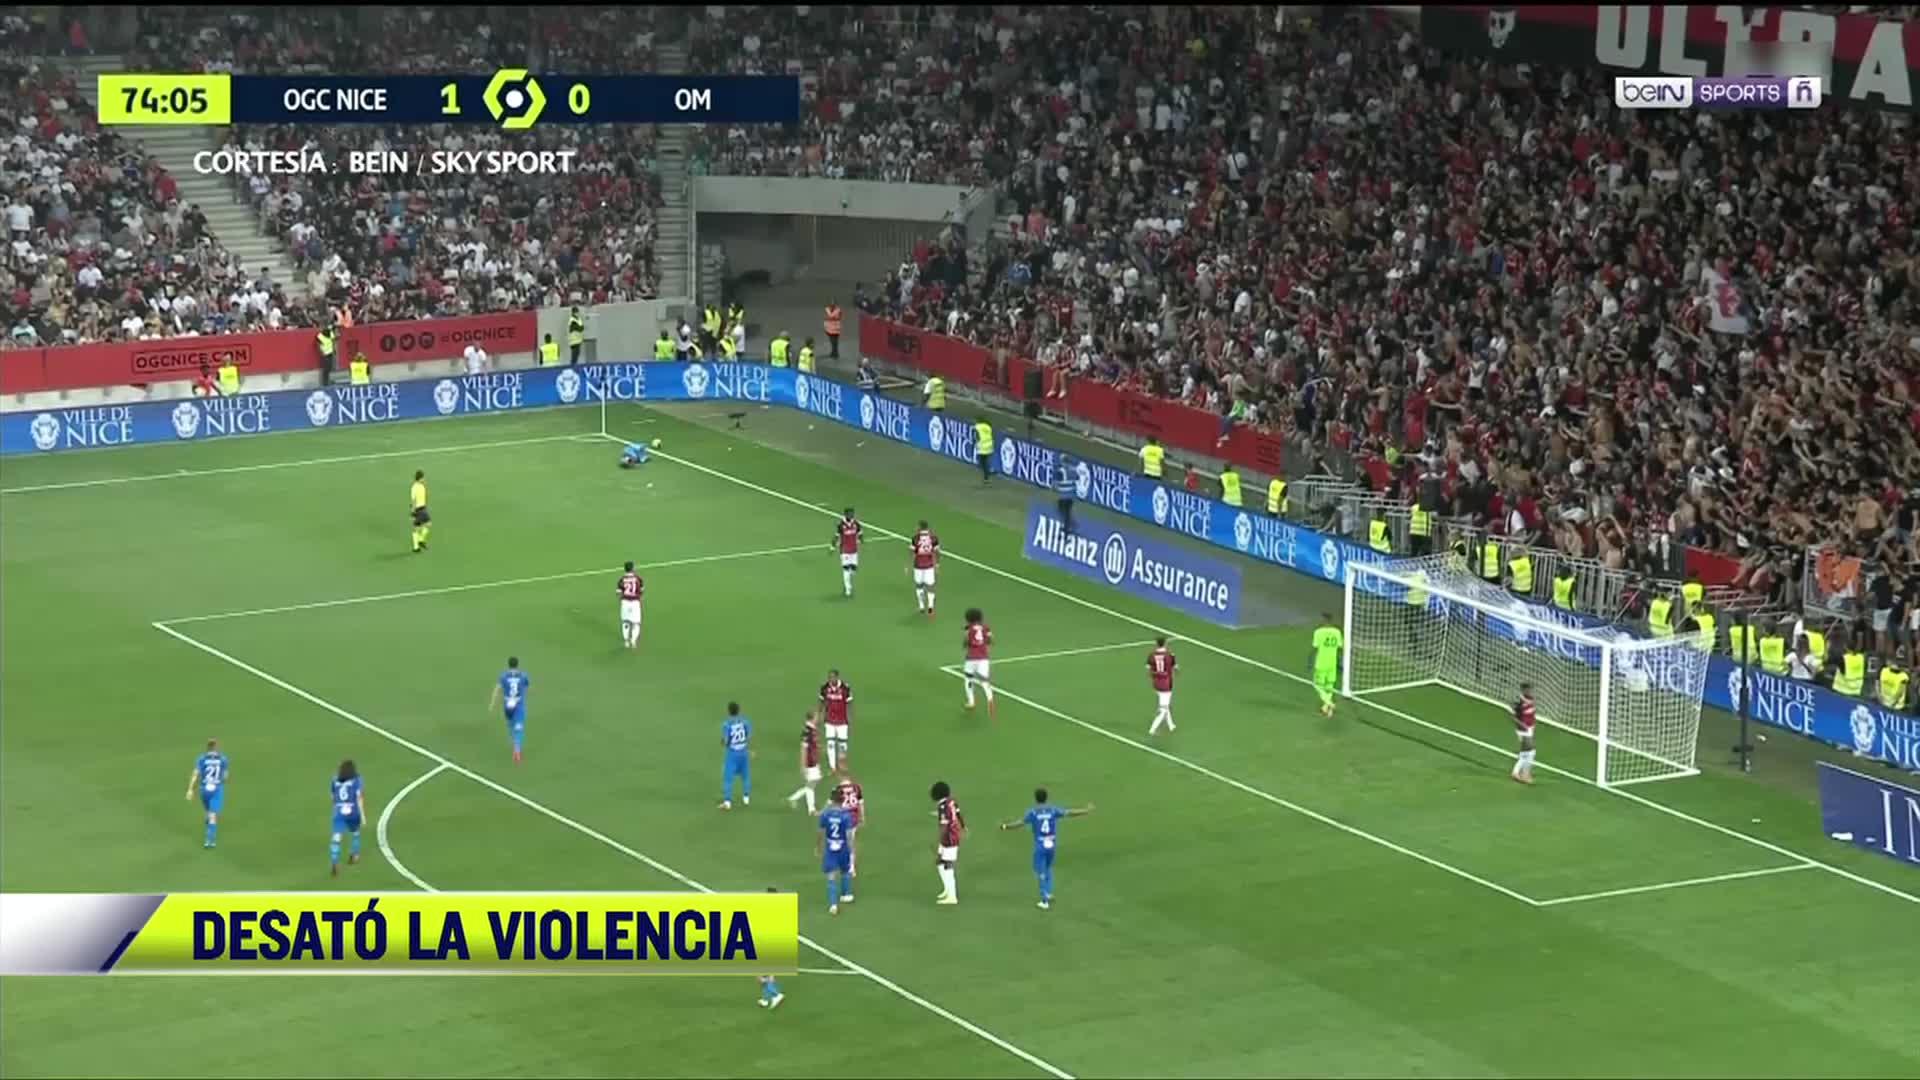 pelea campal entre jugadores y aficionados en futbol frances